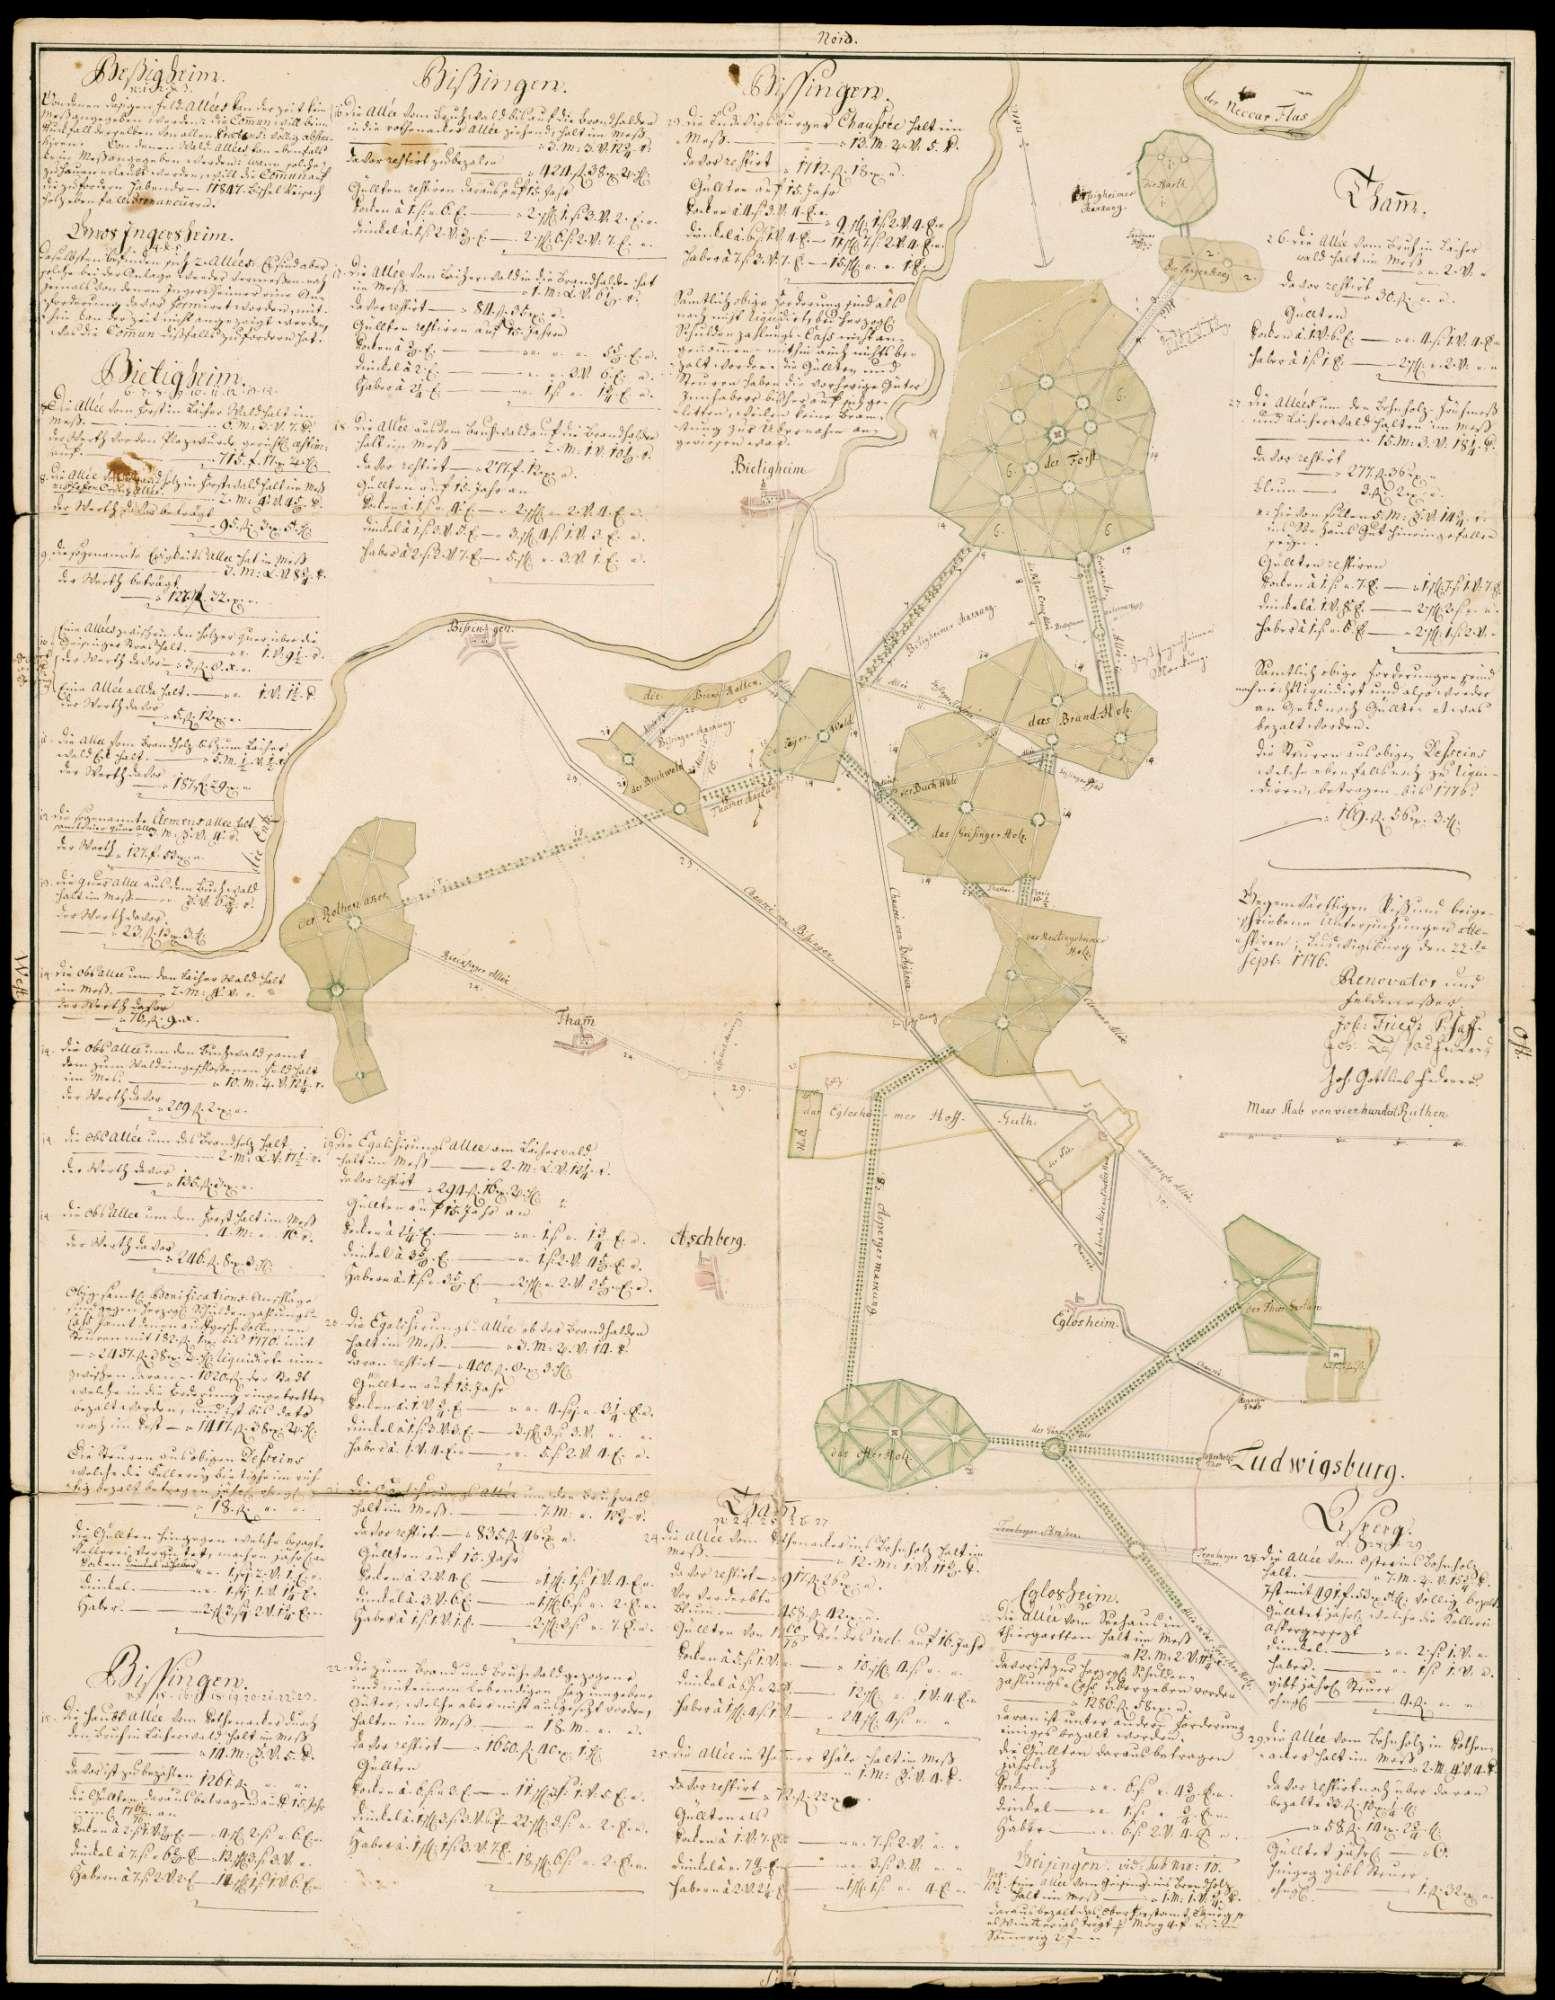 [Plan der zwischen Ludwigsburg, Bietigheim und Bissingen gelegenen Alleen und der Weganlagen in den Holzungen und Forsten], Bild 1